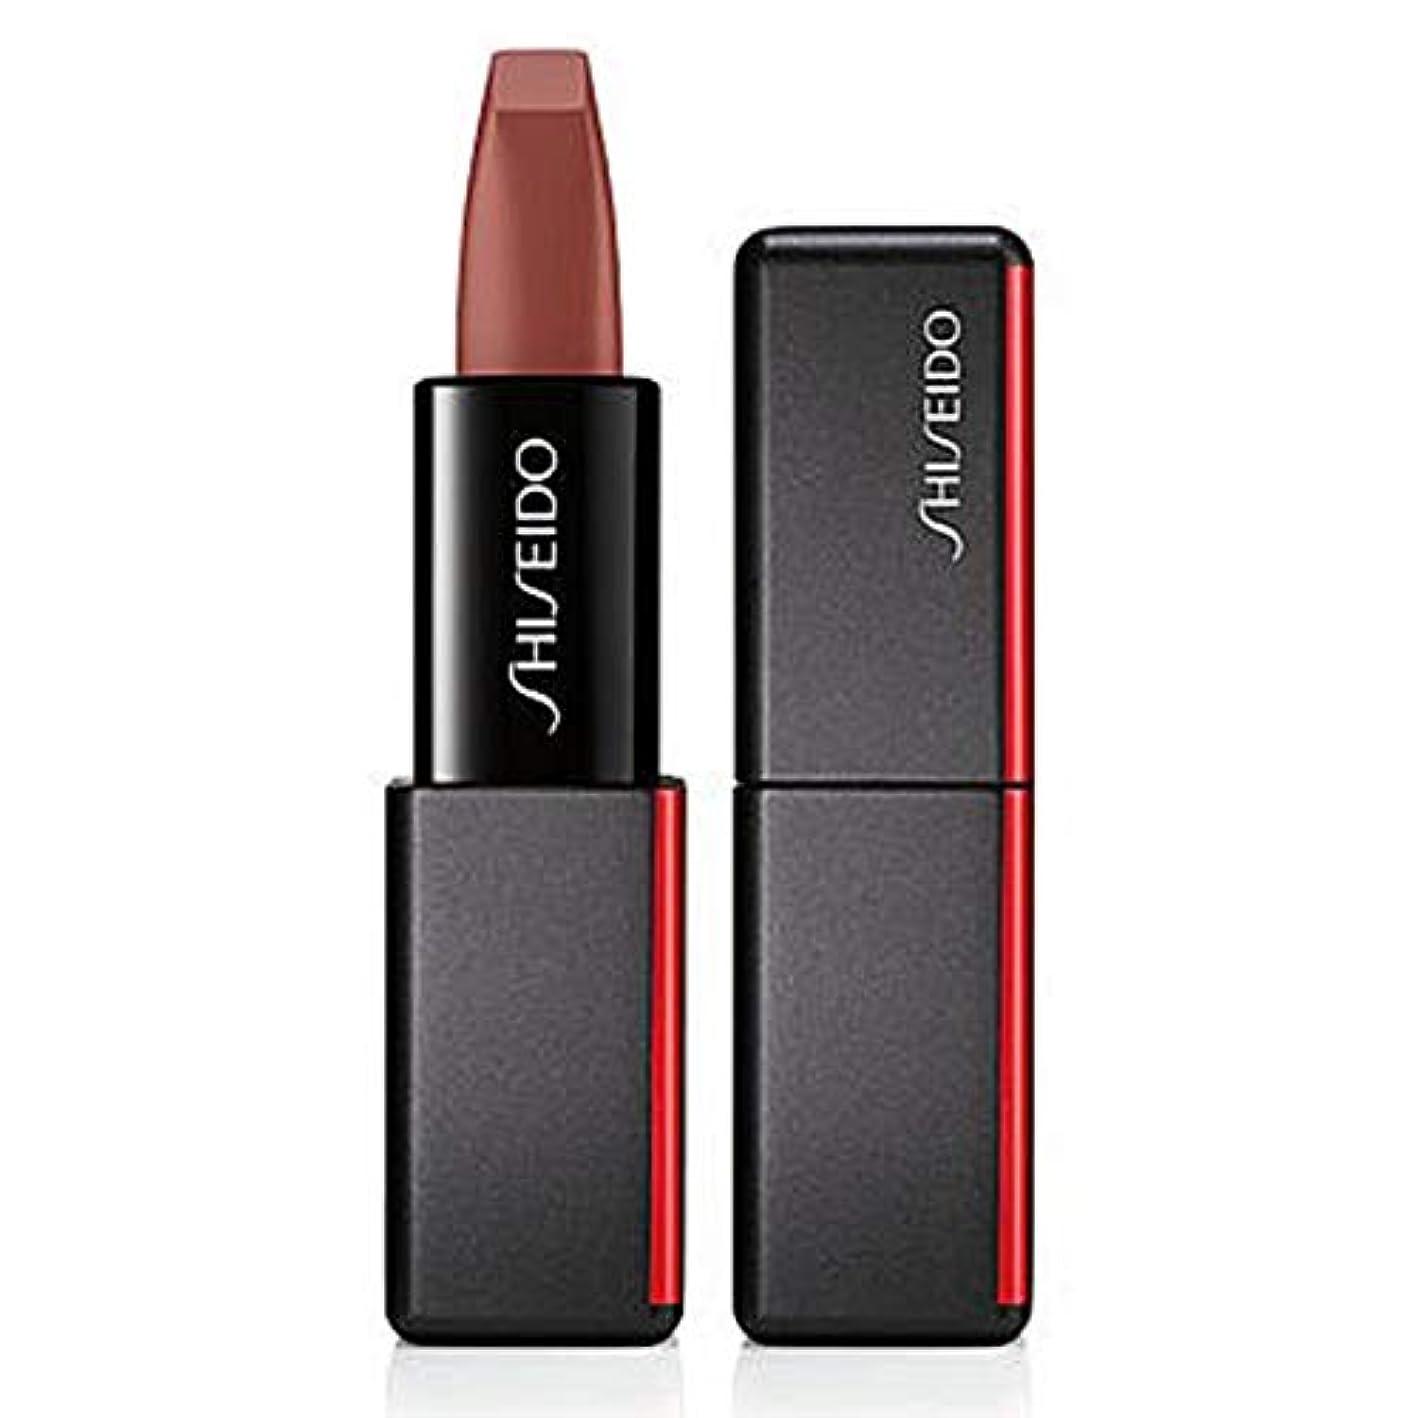 返済民主主義瞑想する資生堂 ModernMatte Powder Lipstick - # 507 Murmur (Rosewood) 4g/0.14oz並行輸入品